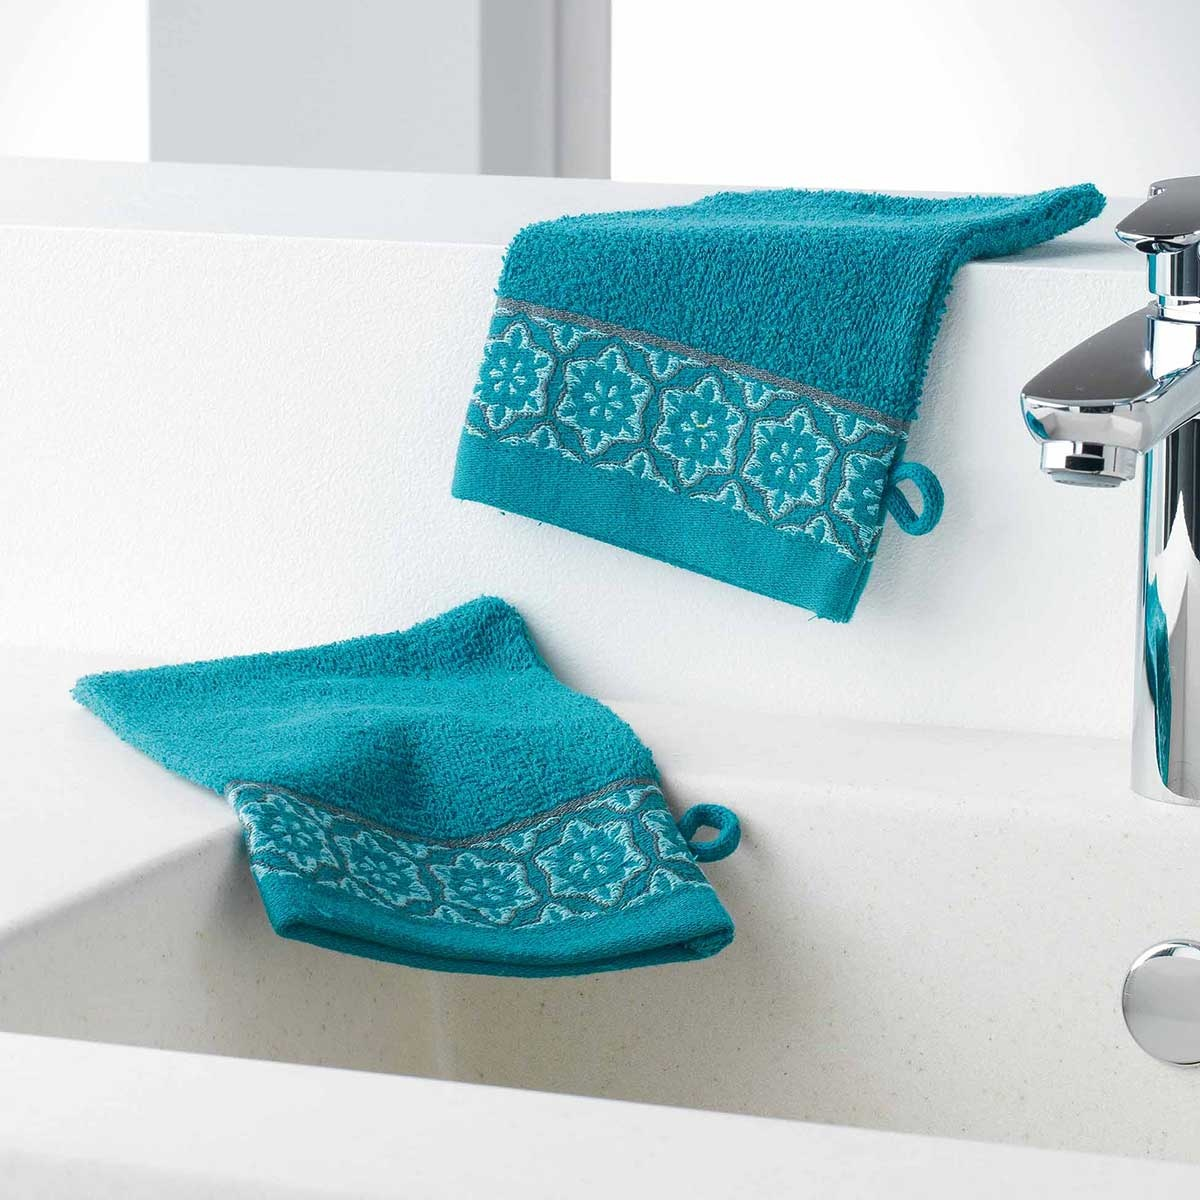 Gants de Toilette en Eponge Unie avec Liteau Jacquard (Bleu)